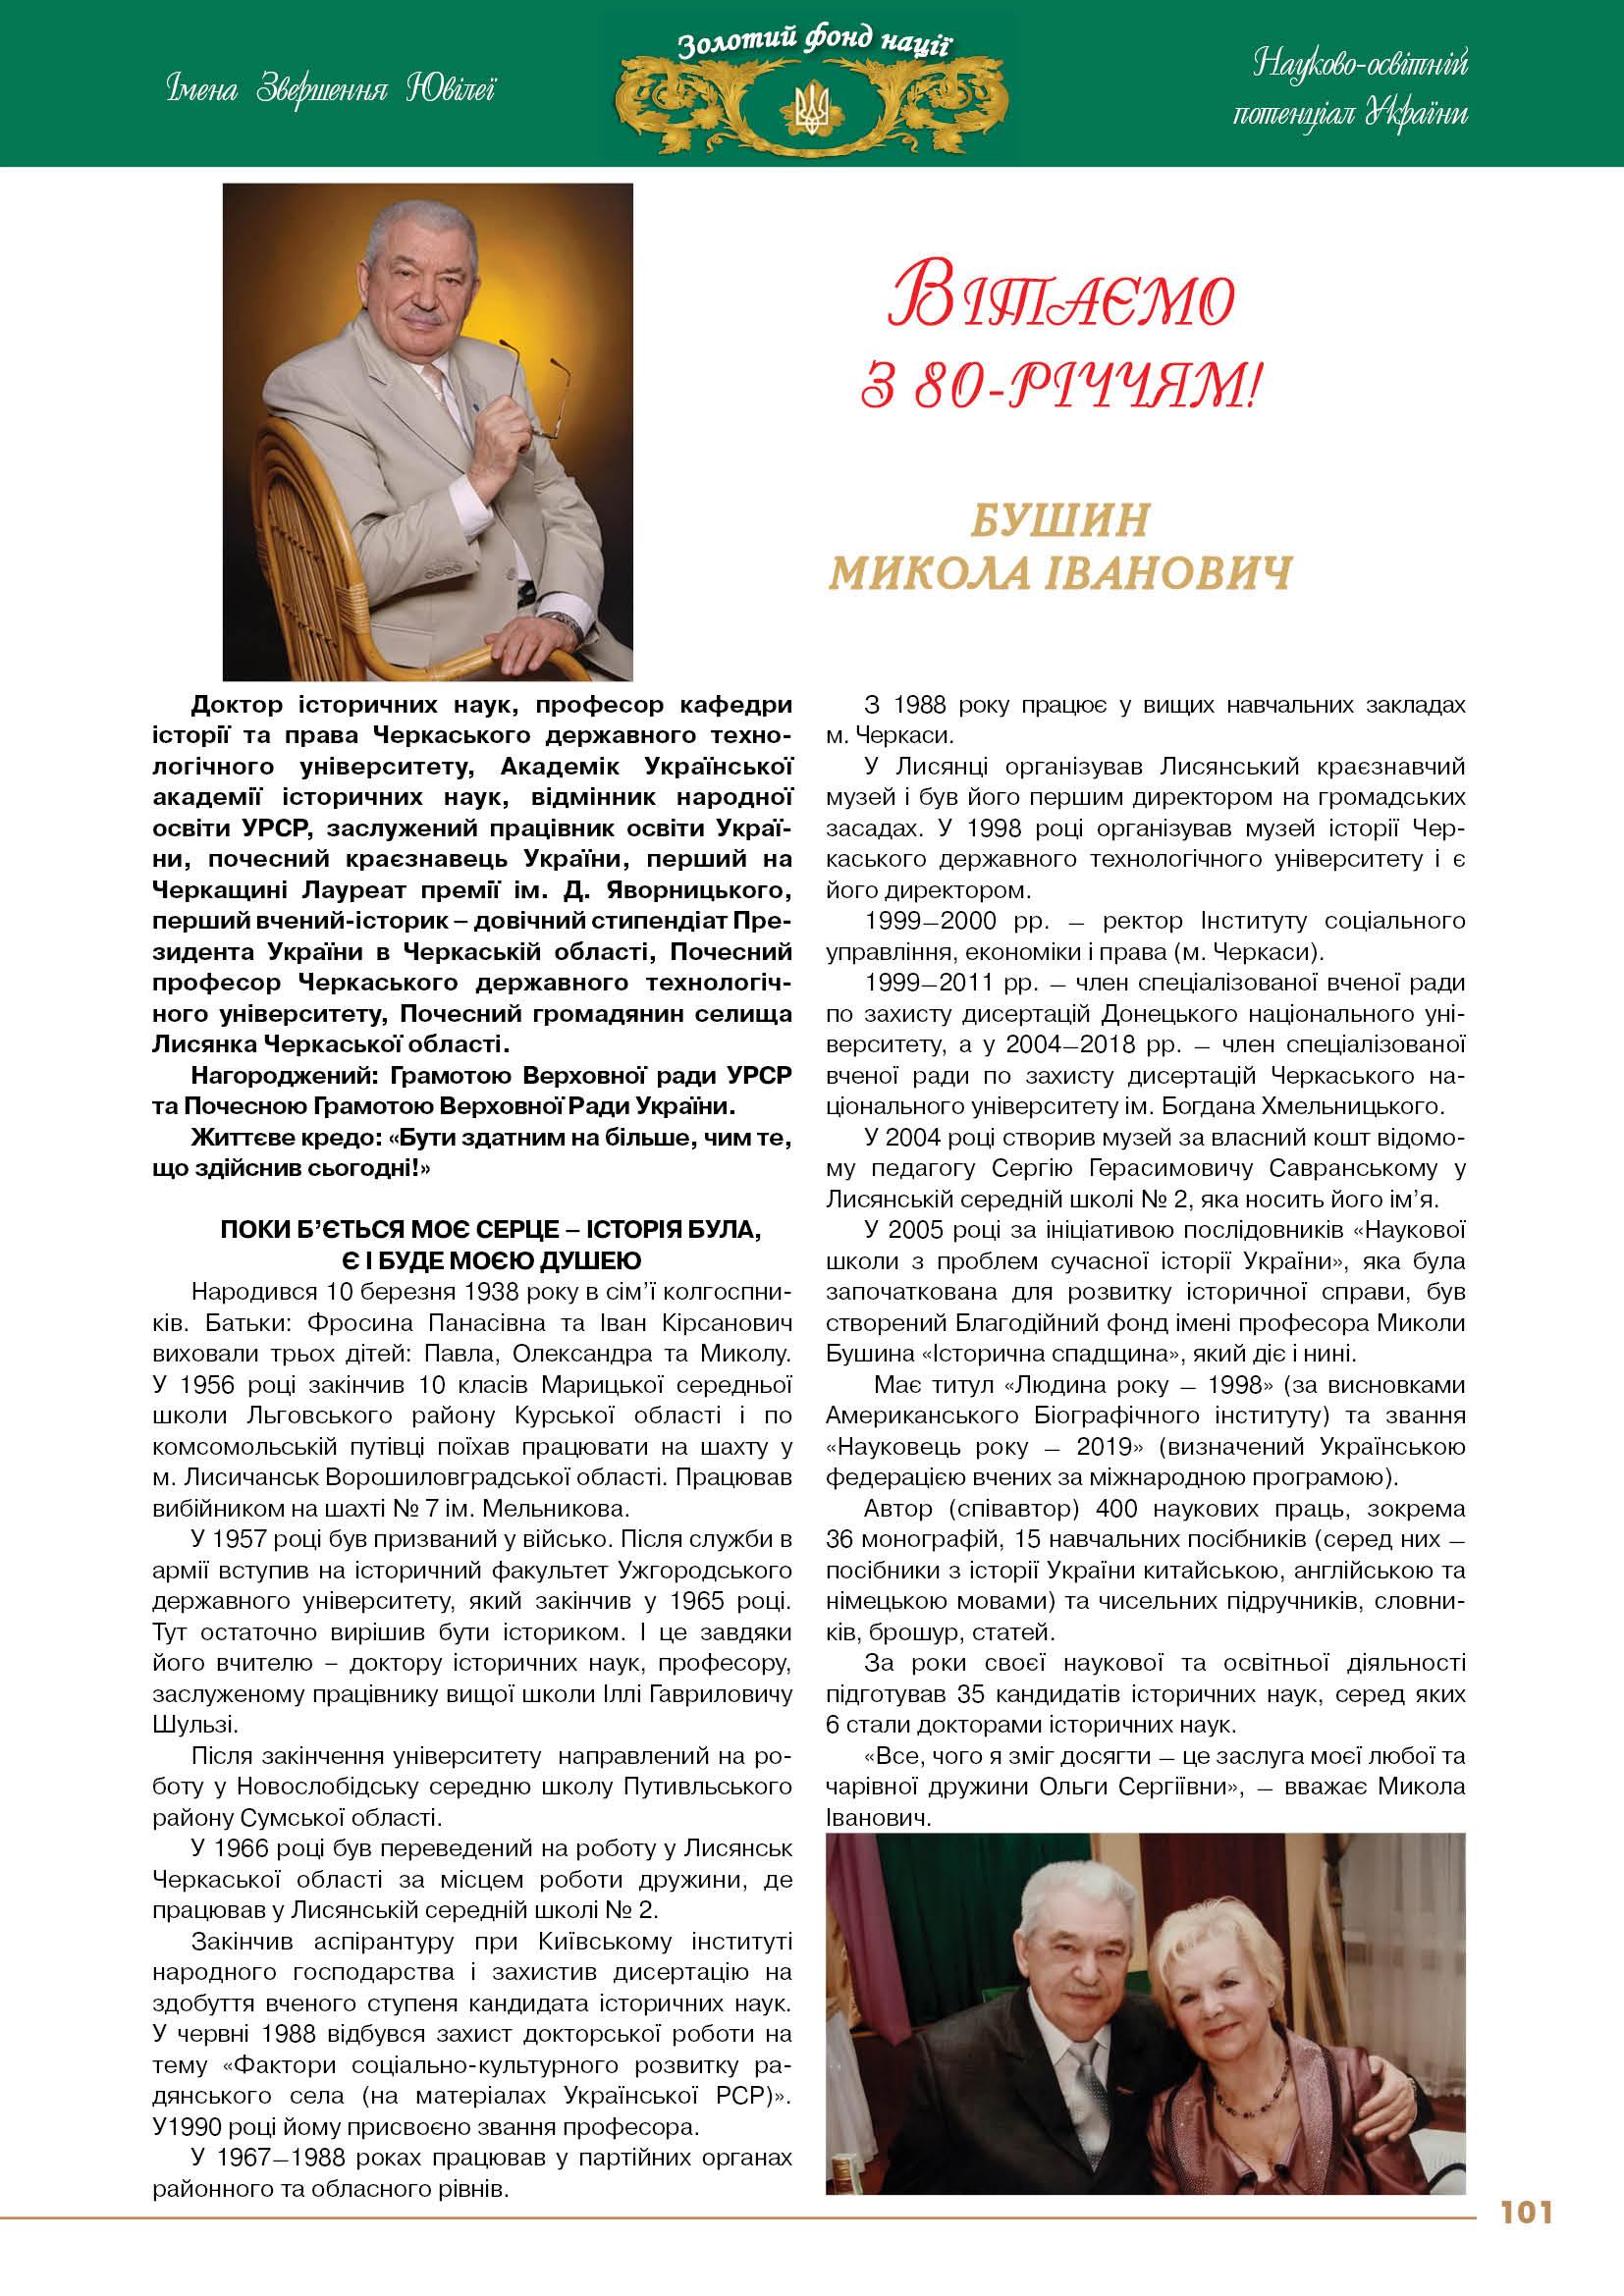 Бушин Микола Іванович